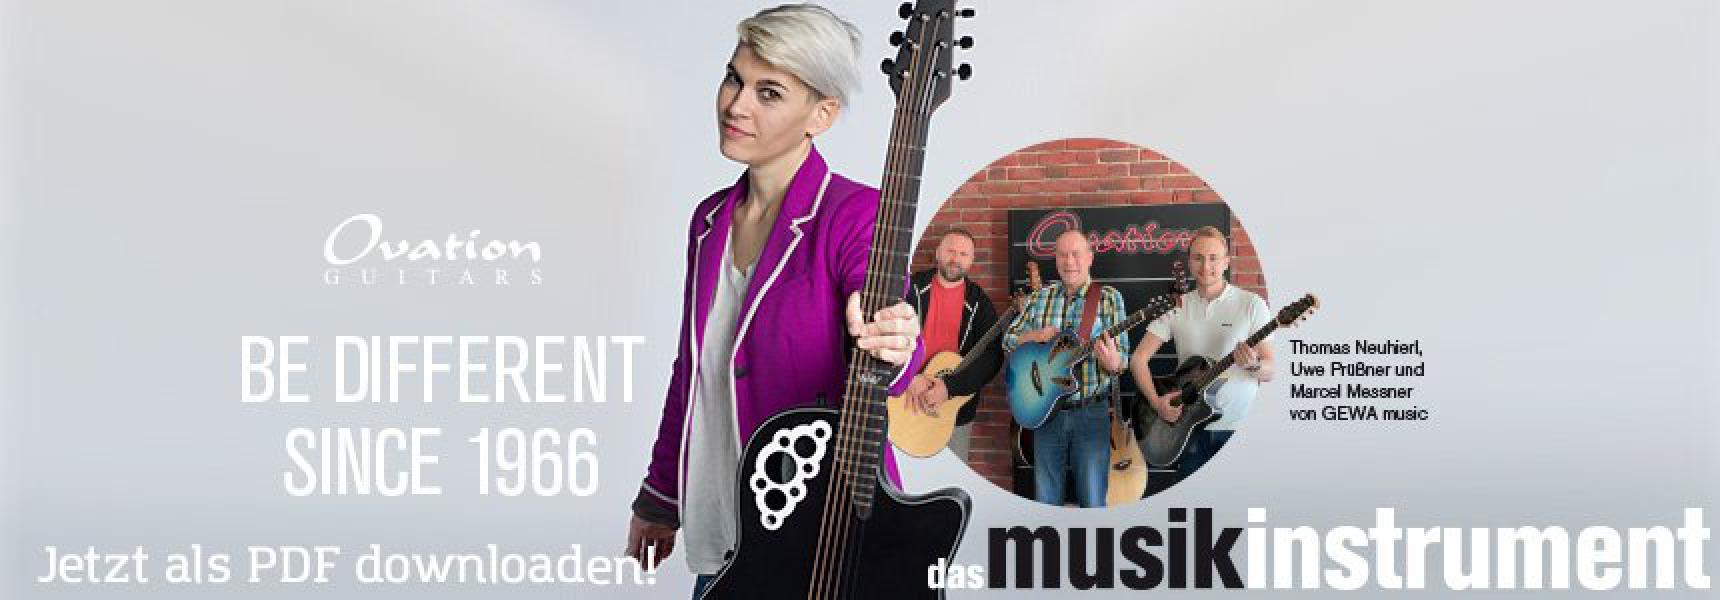 Aktuelle Ausgabe das musikinstrument 06-07/21